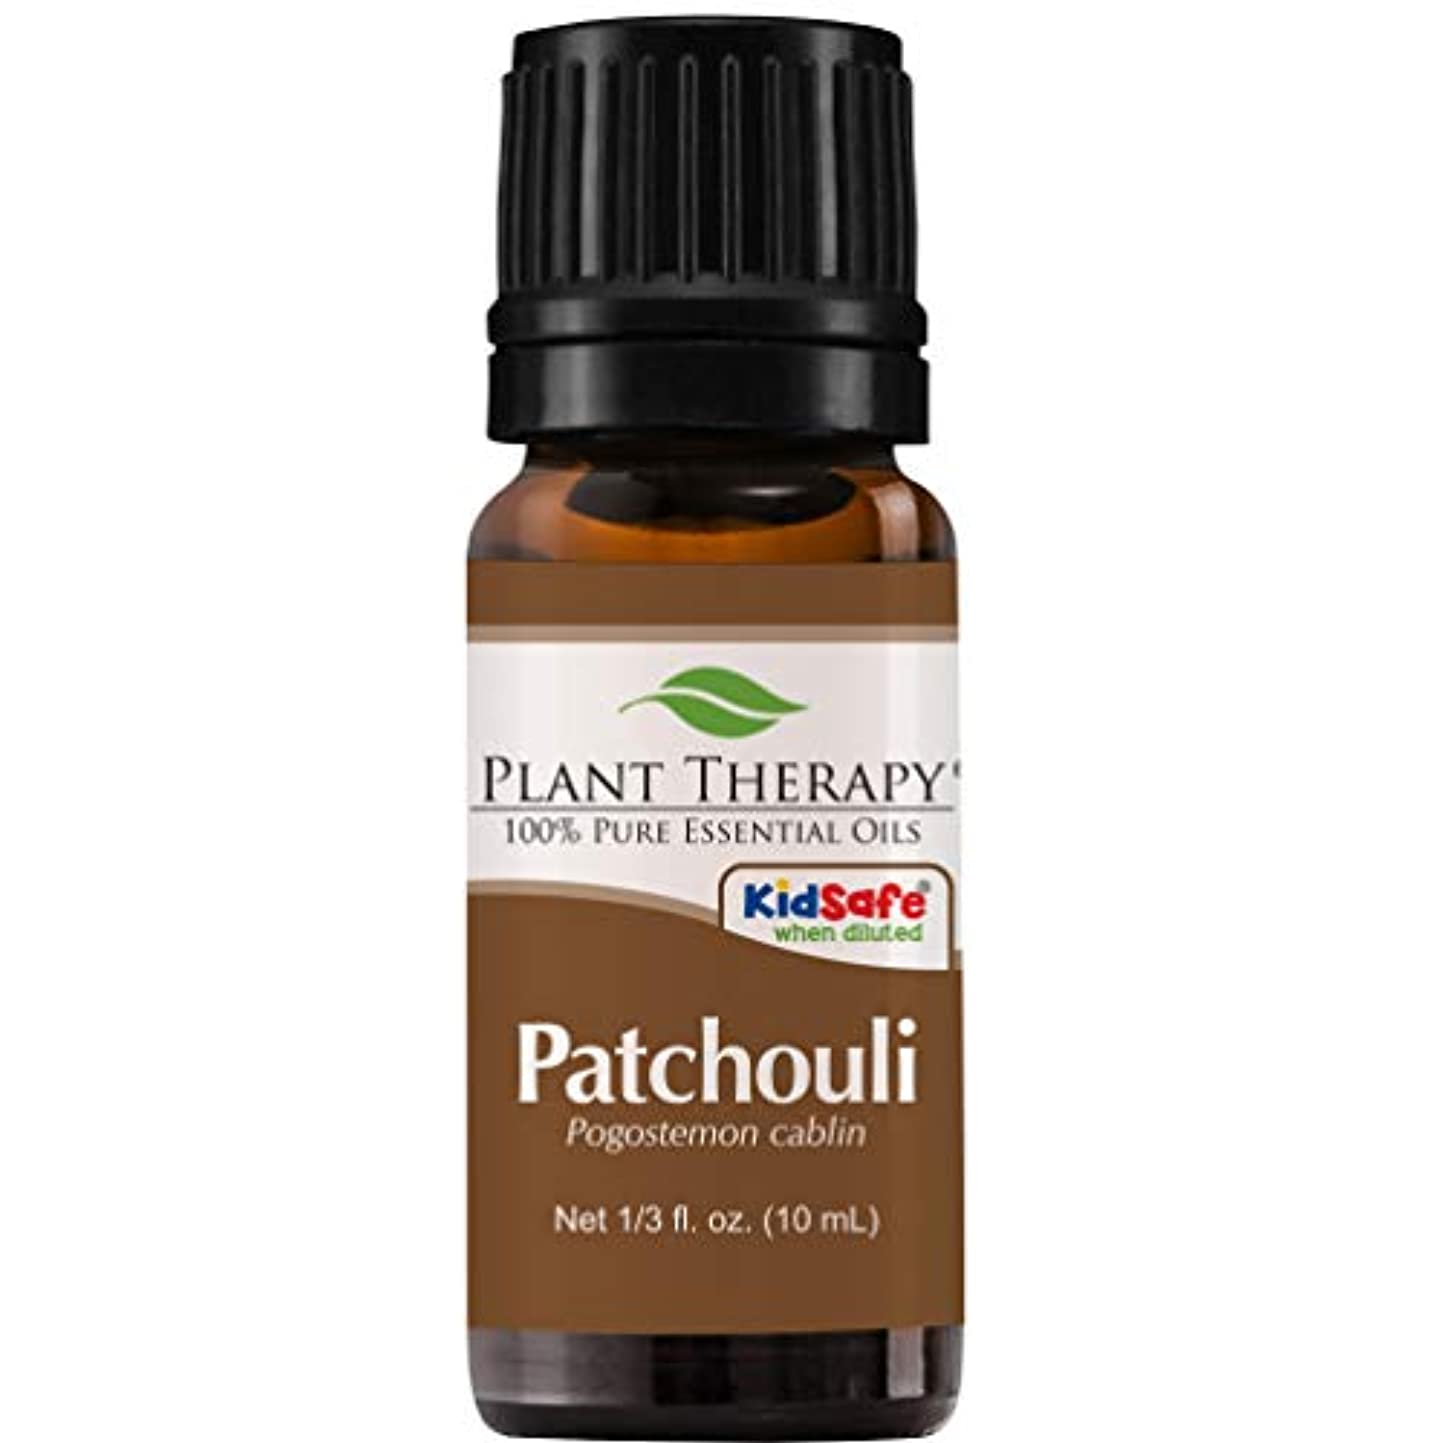 許される正当化する予定Plant Therapy Essential Oils (プラントセラピー エッセンシャルオイル) パチョリ エッセンシャルオイル